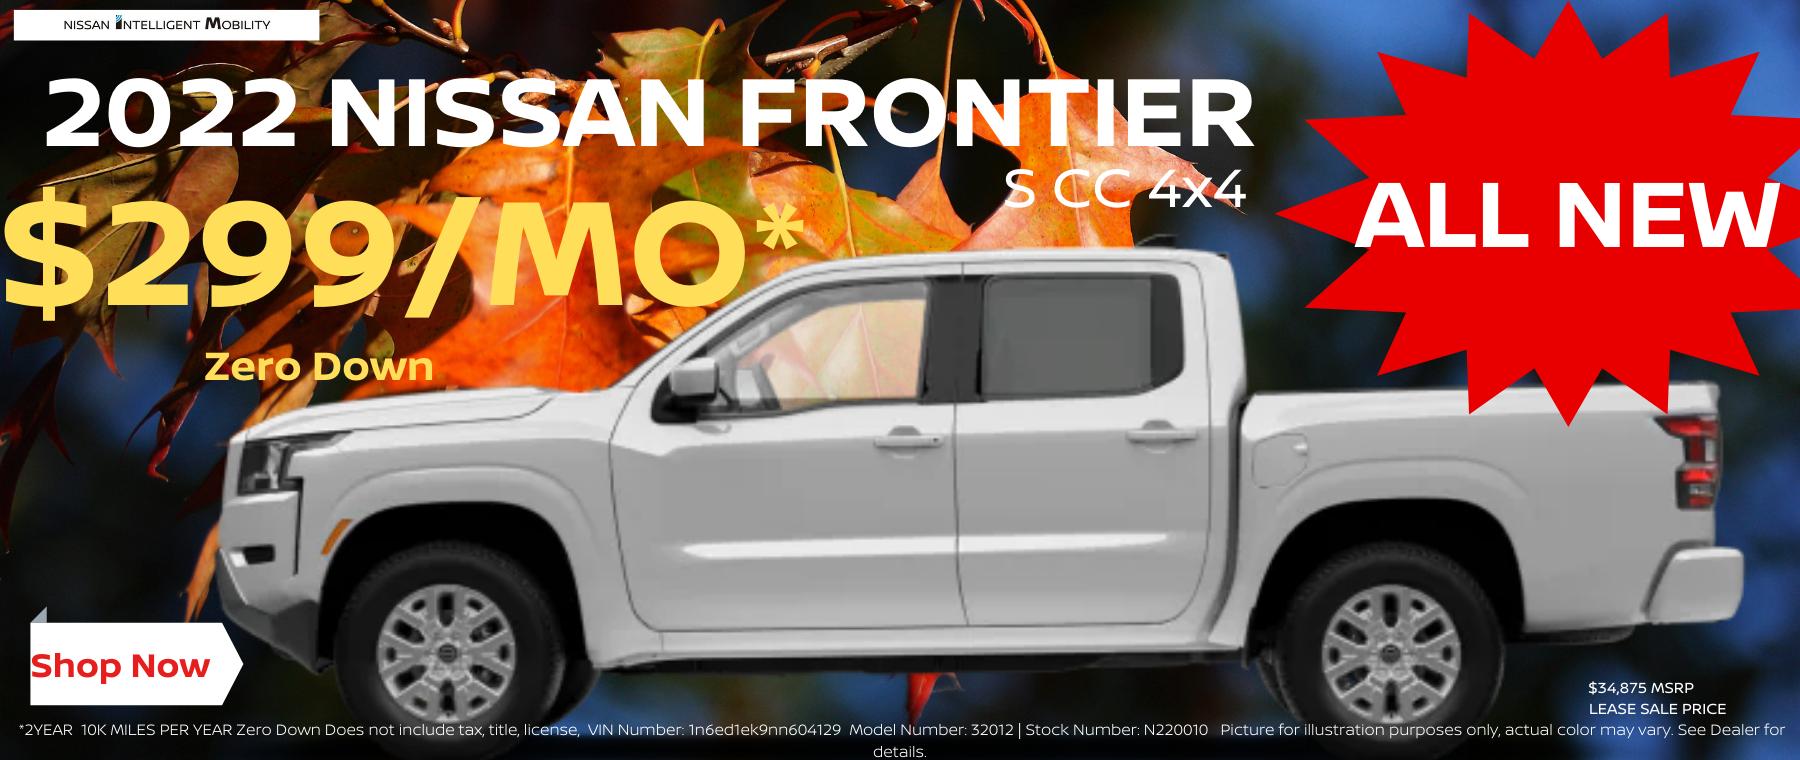 2022 Frontier Sept 2021